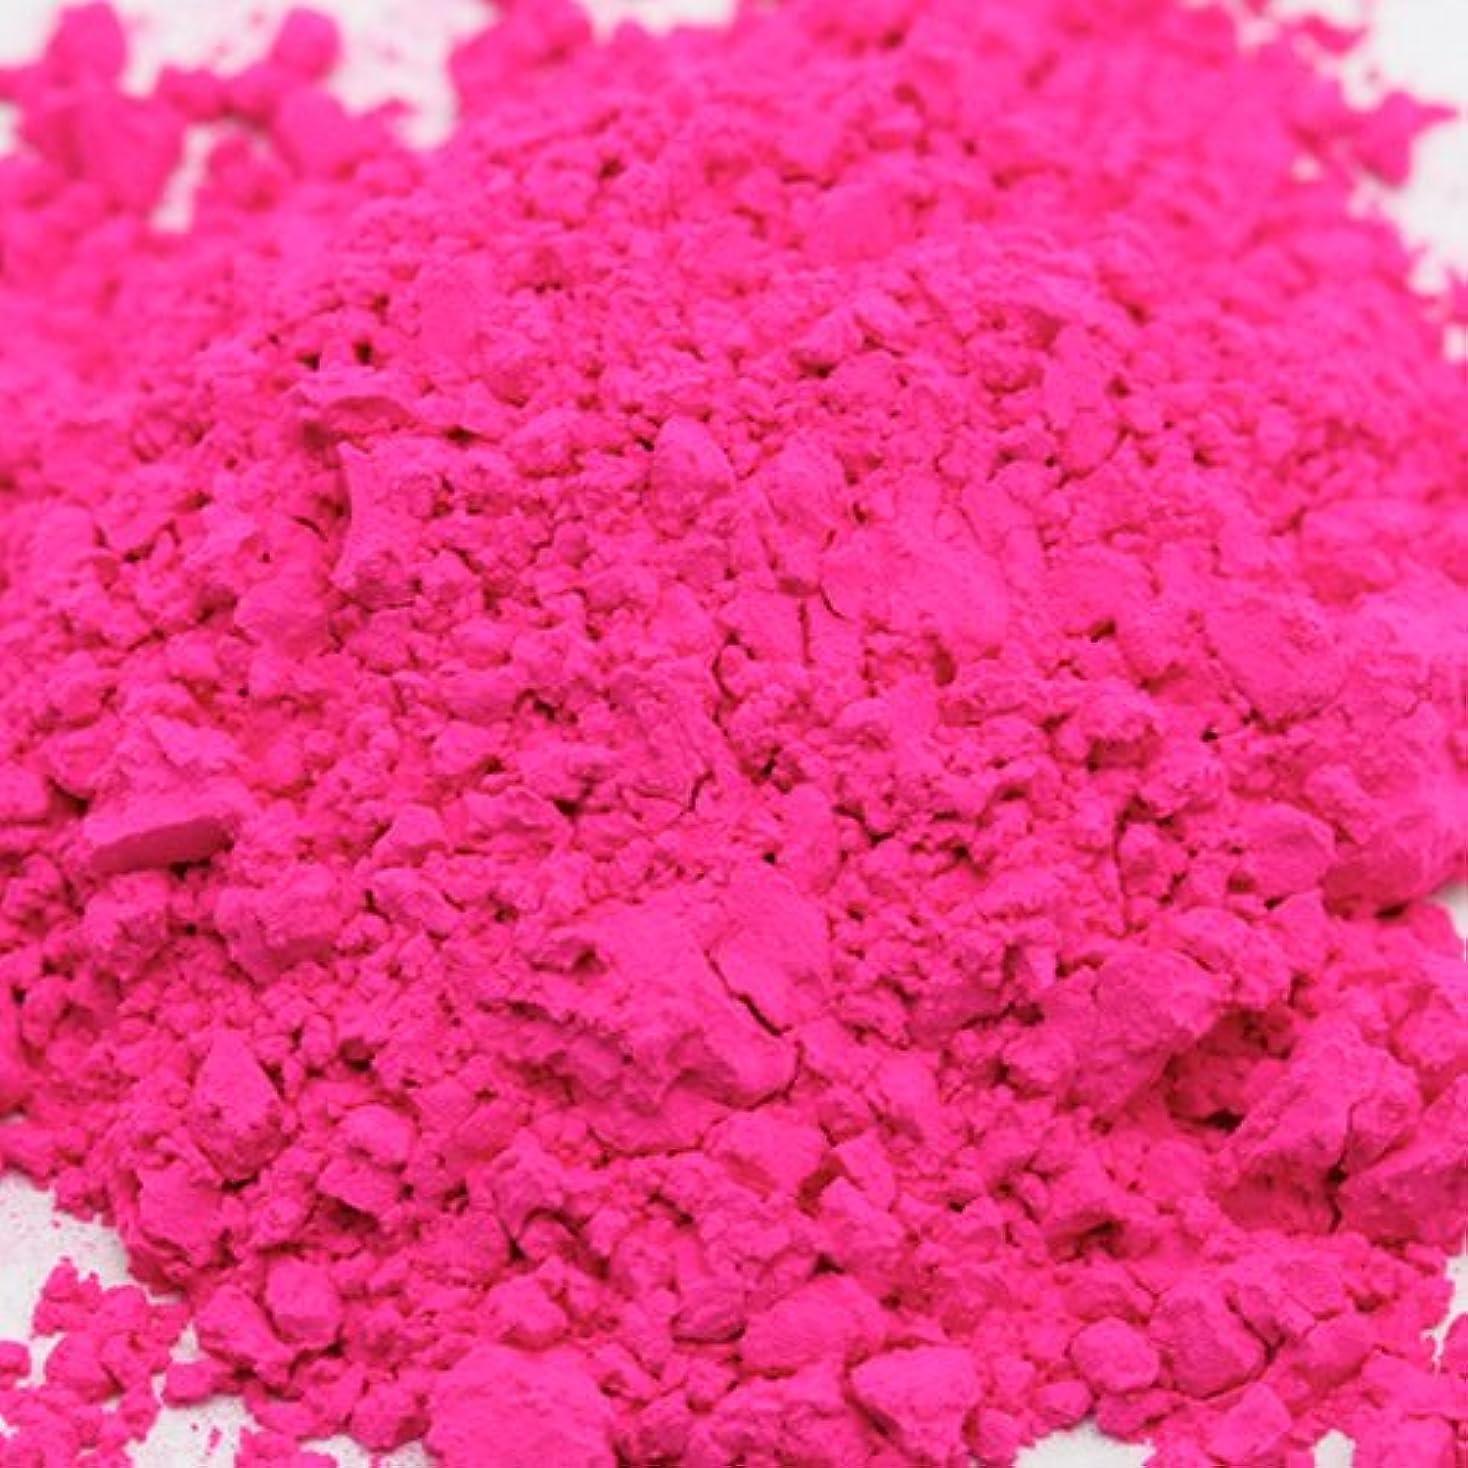 プレミアムトリクル松の木キャンディカラー ピンク 5g 【手作り石鹸/手作りコスメ/色付け/カラーラント】